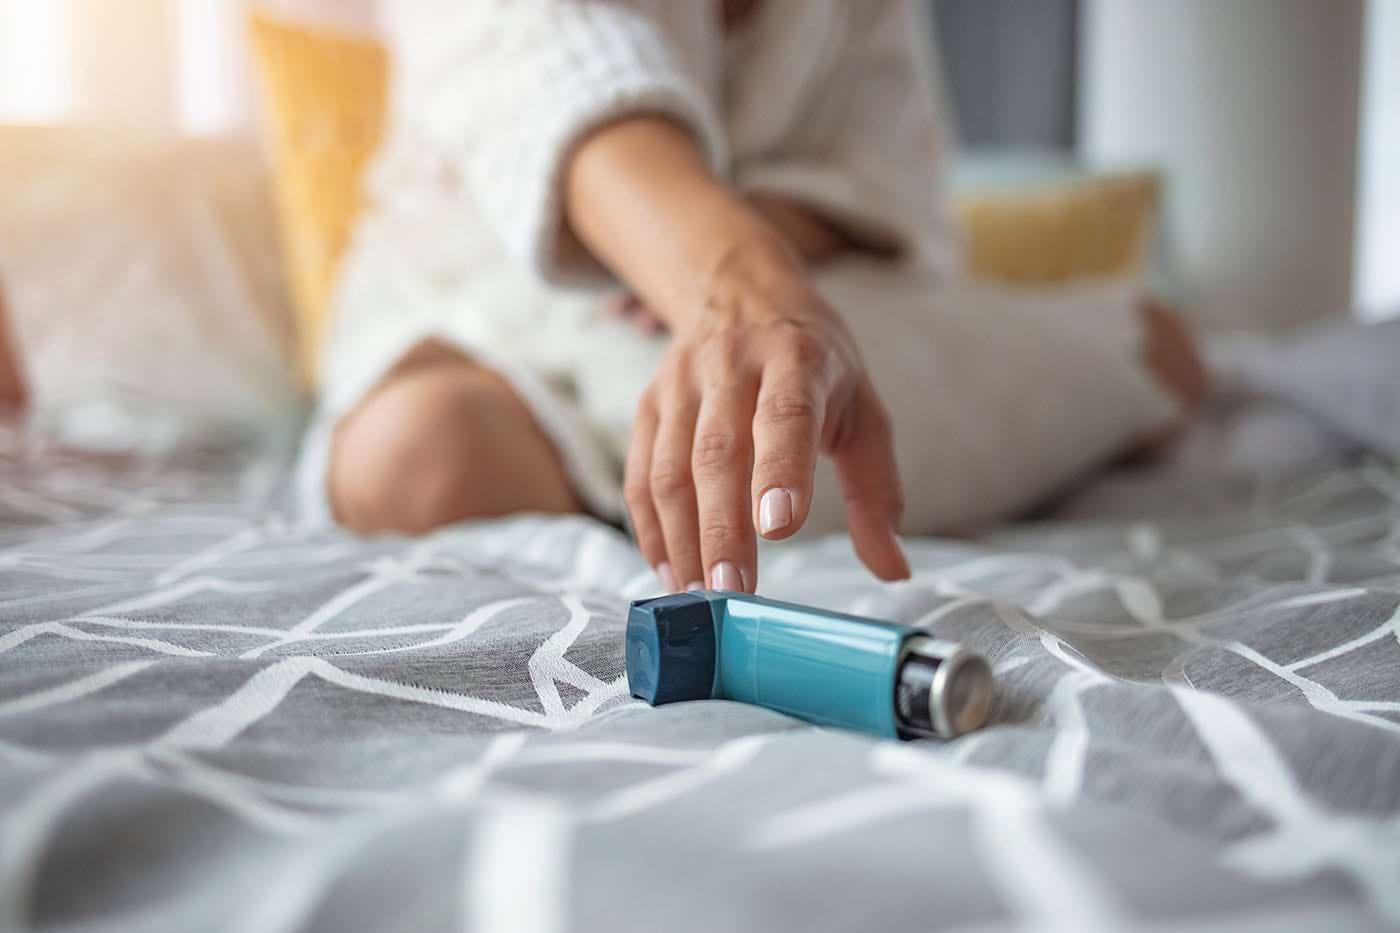 Vaccinurile anti-COVID-19 înrăutățesc simptomele astmului?